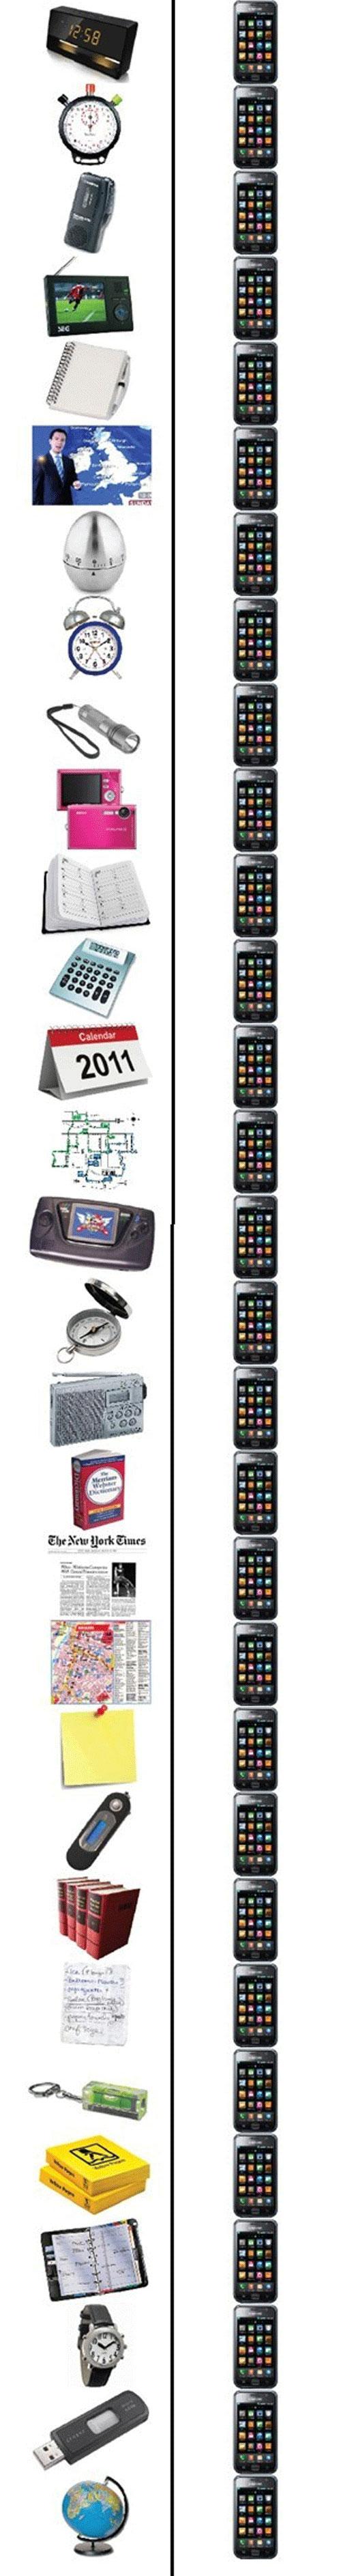 Gadgets 2000 vs Gadgets 2012 (2)